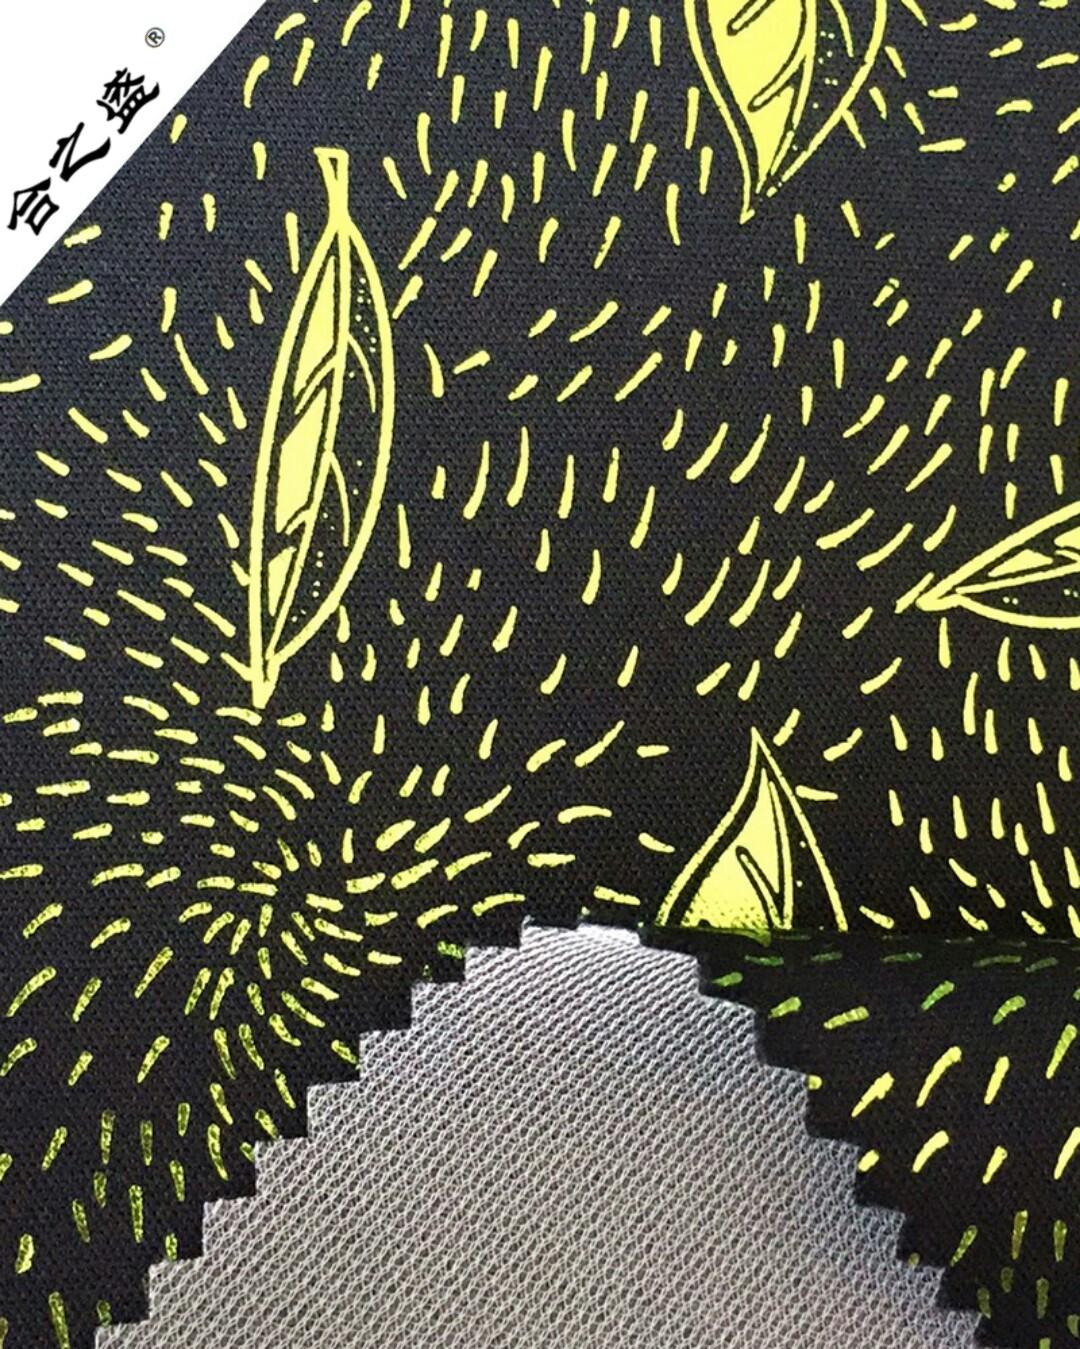 bling fabrics bonding